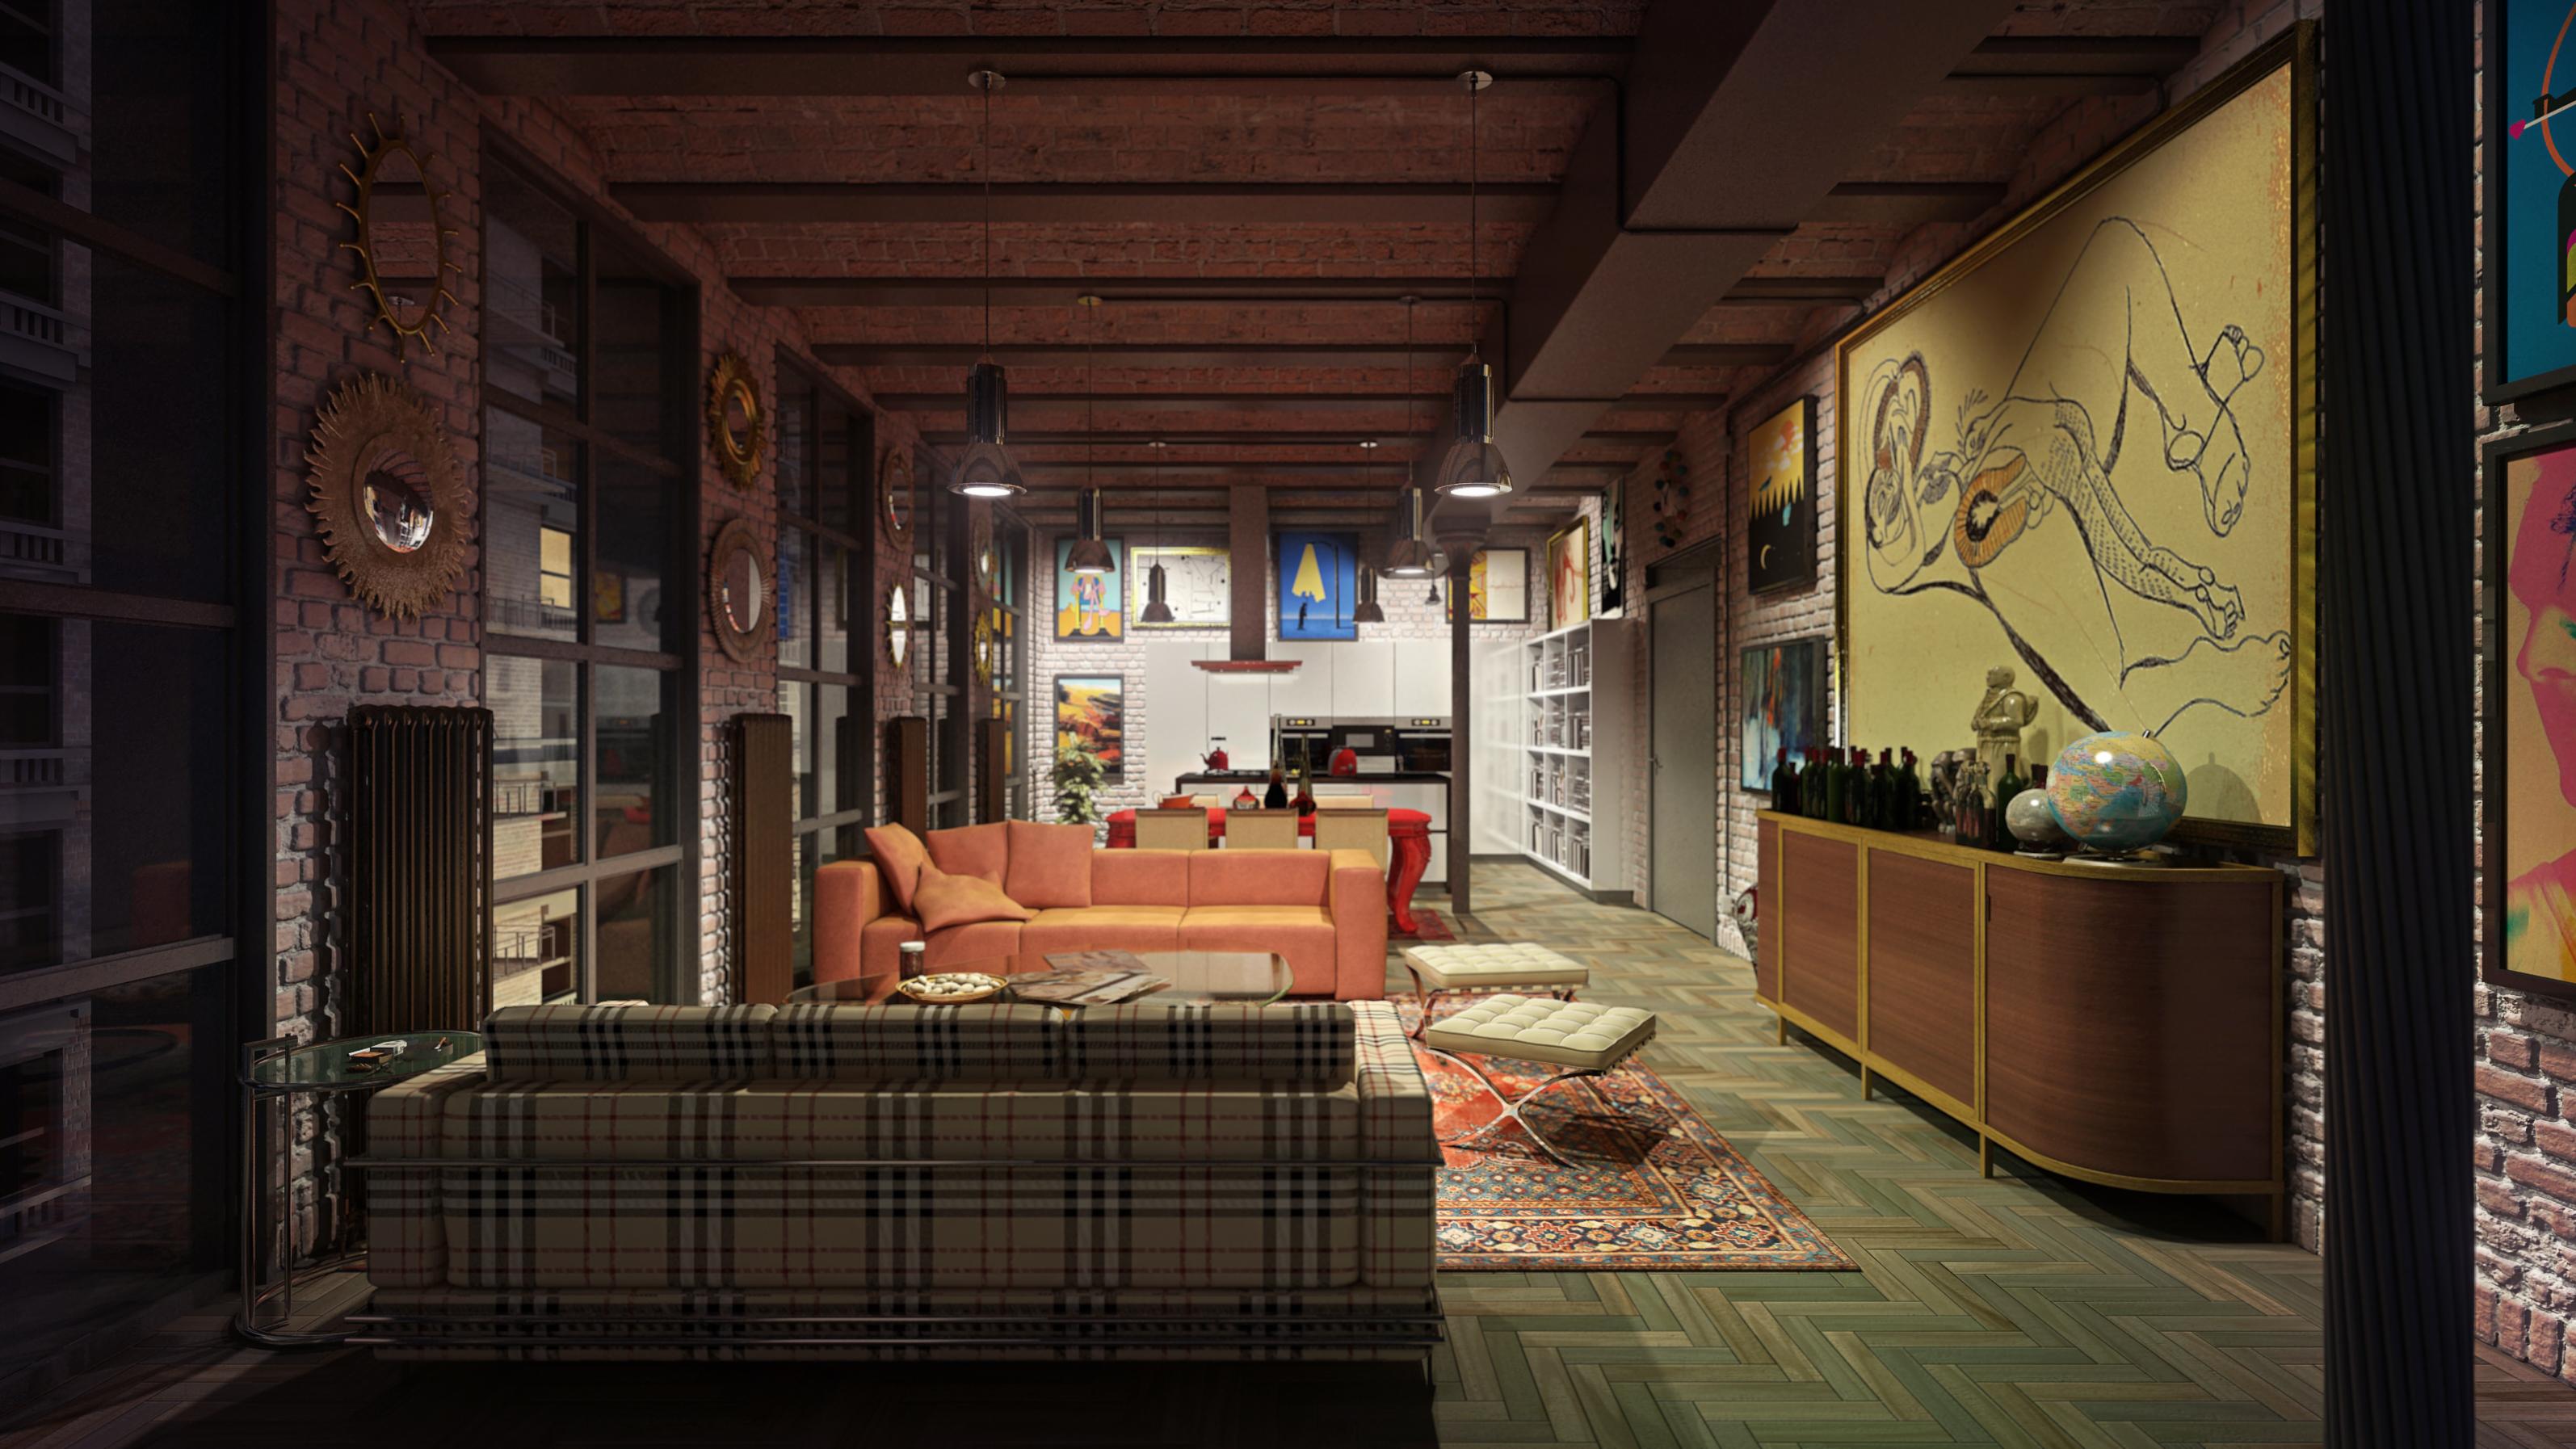 new york loft by bola3d on deviantart. Black Bedroom Furniture Sets. Home Design Ideas